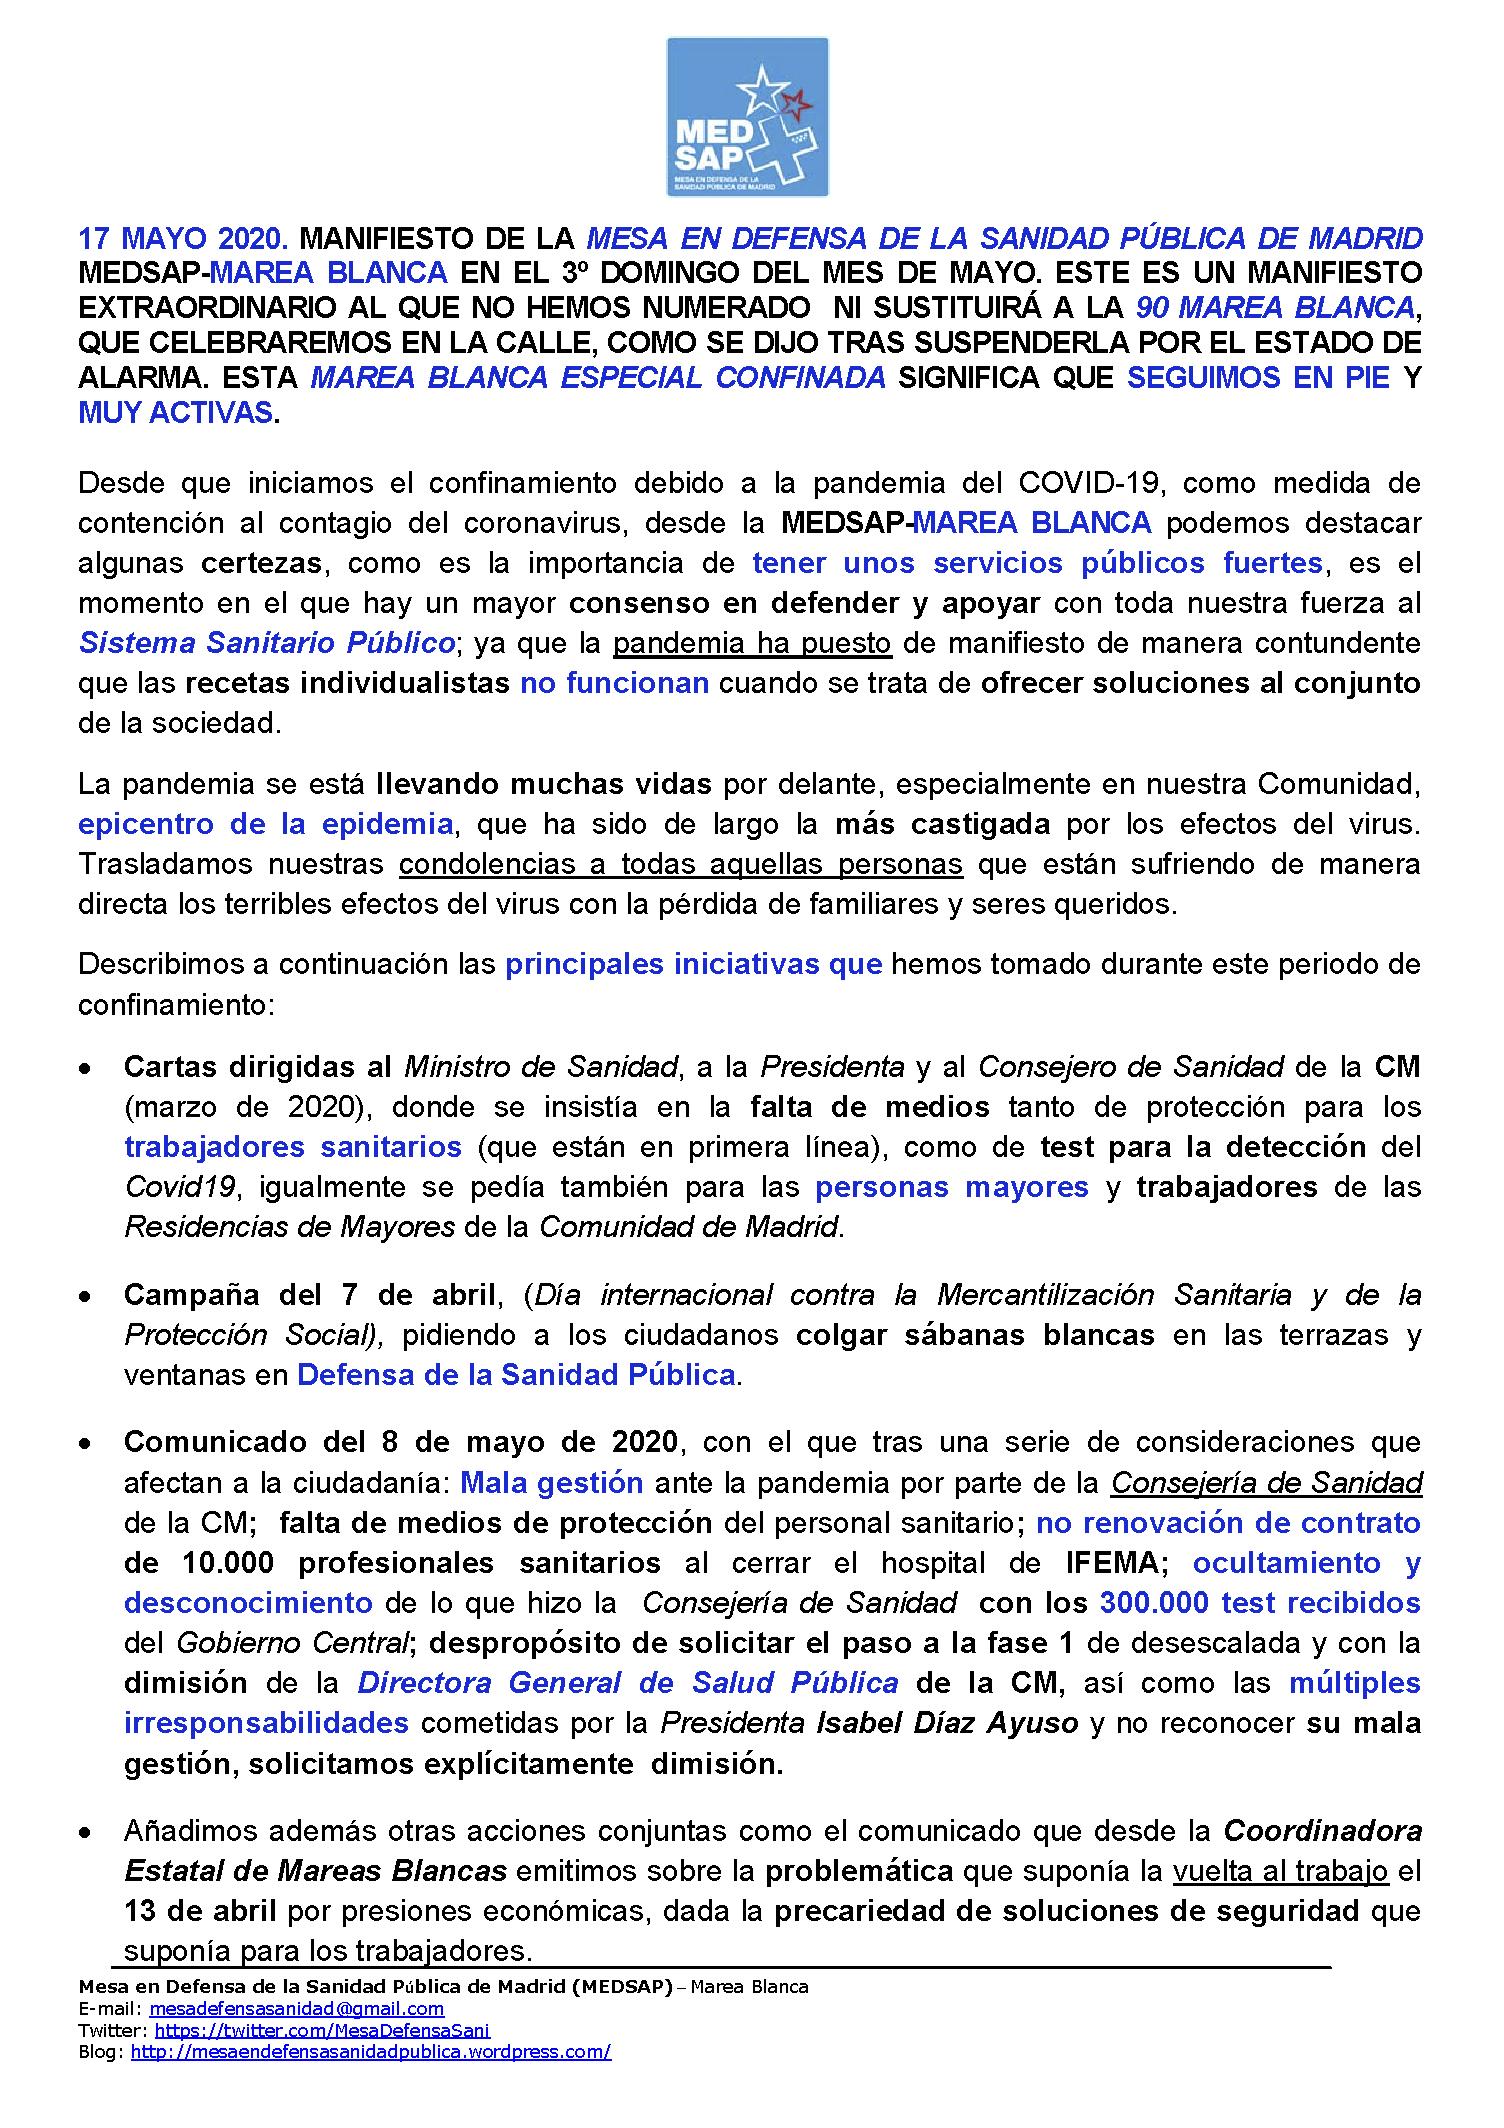 ULTIMO_MANIFIESTOp1 MAREA BLANCA ESPECIAL EN CONFINAMIENTO